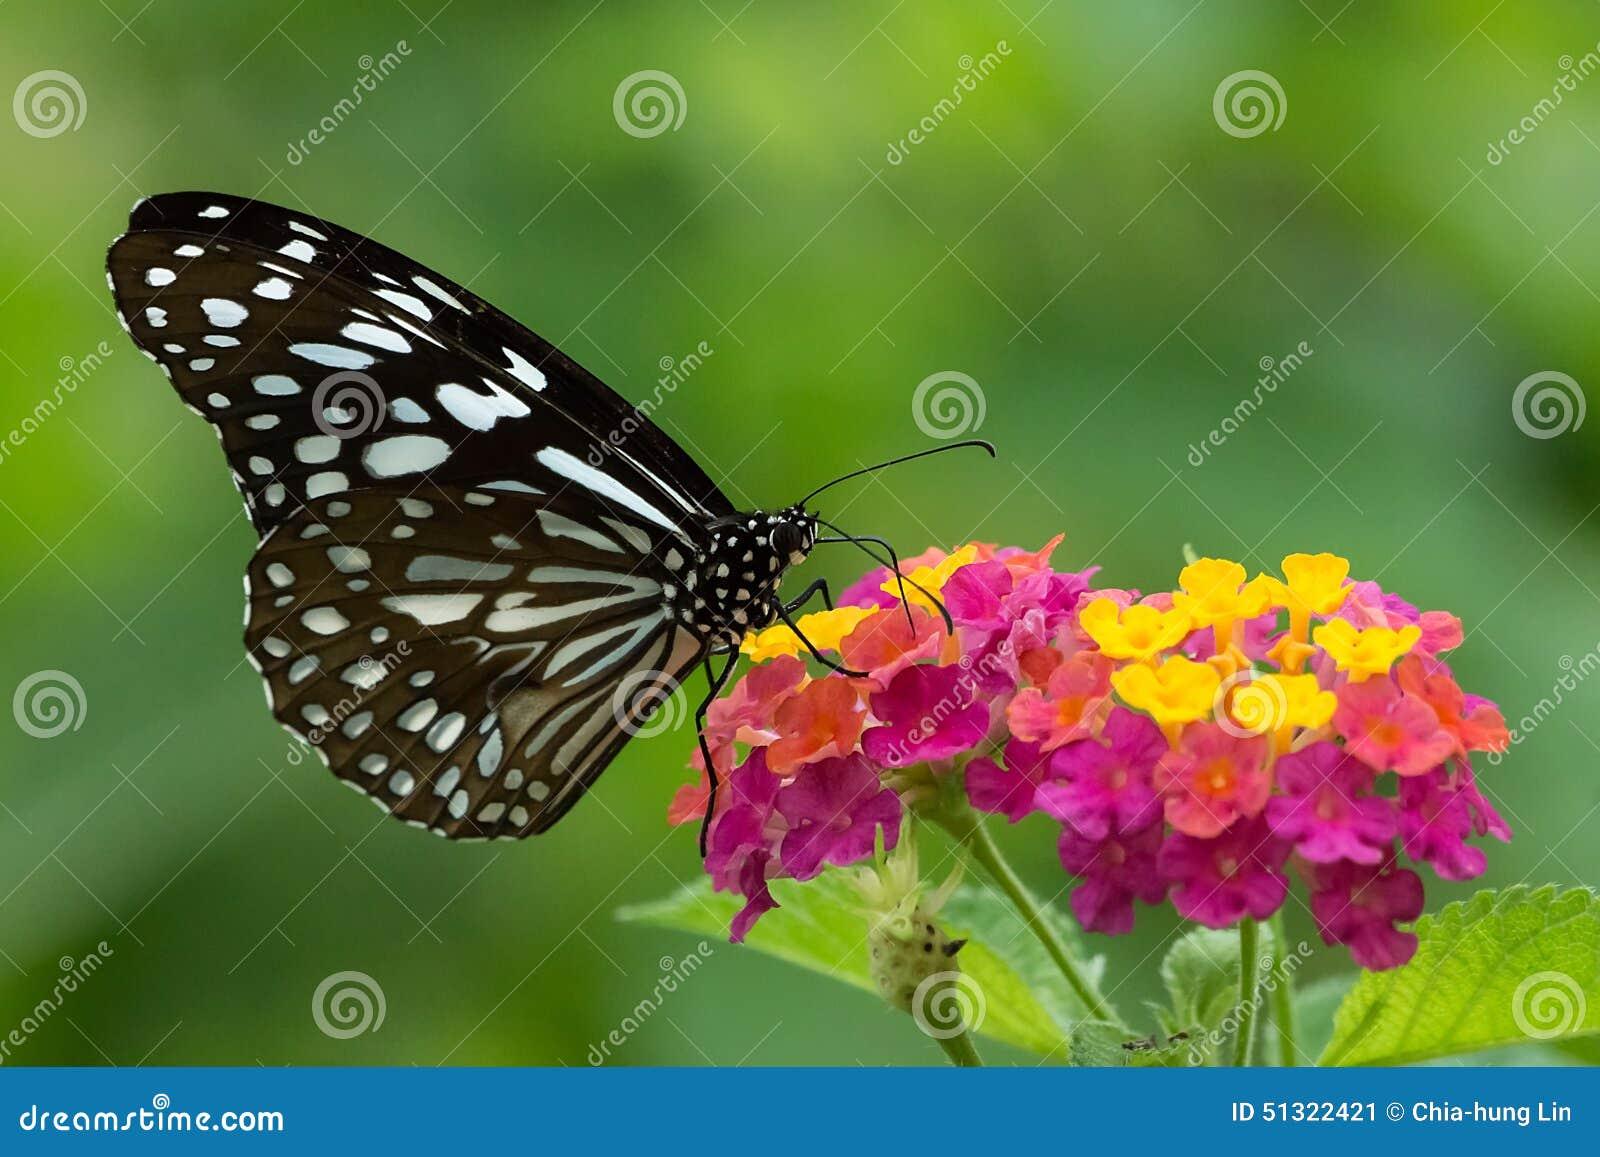 吮蜂蜜的锡兰蓝色玻璃状老虎蝴蝶从五颜六色的花